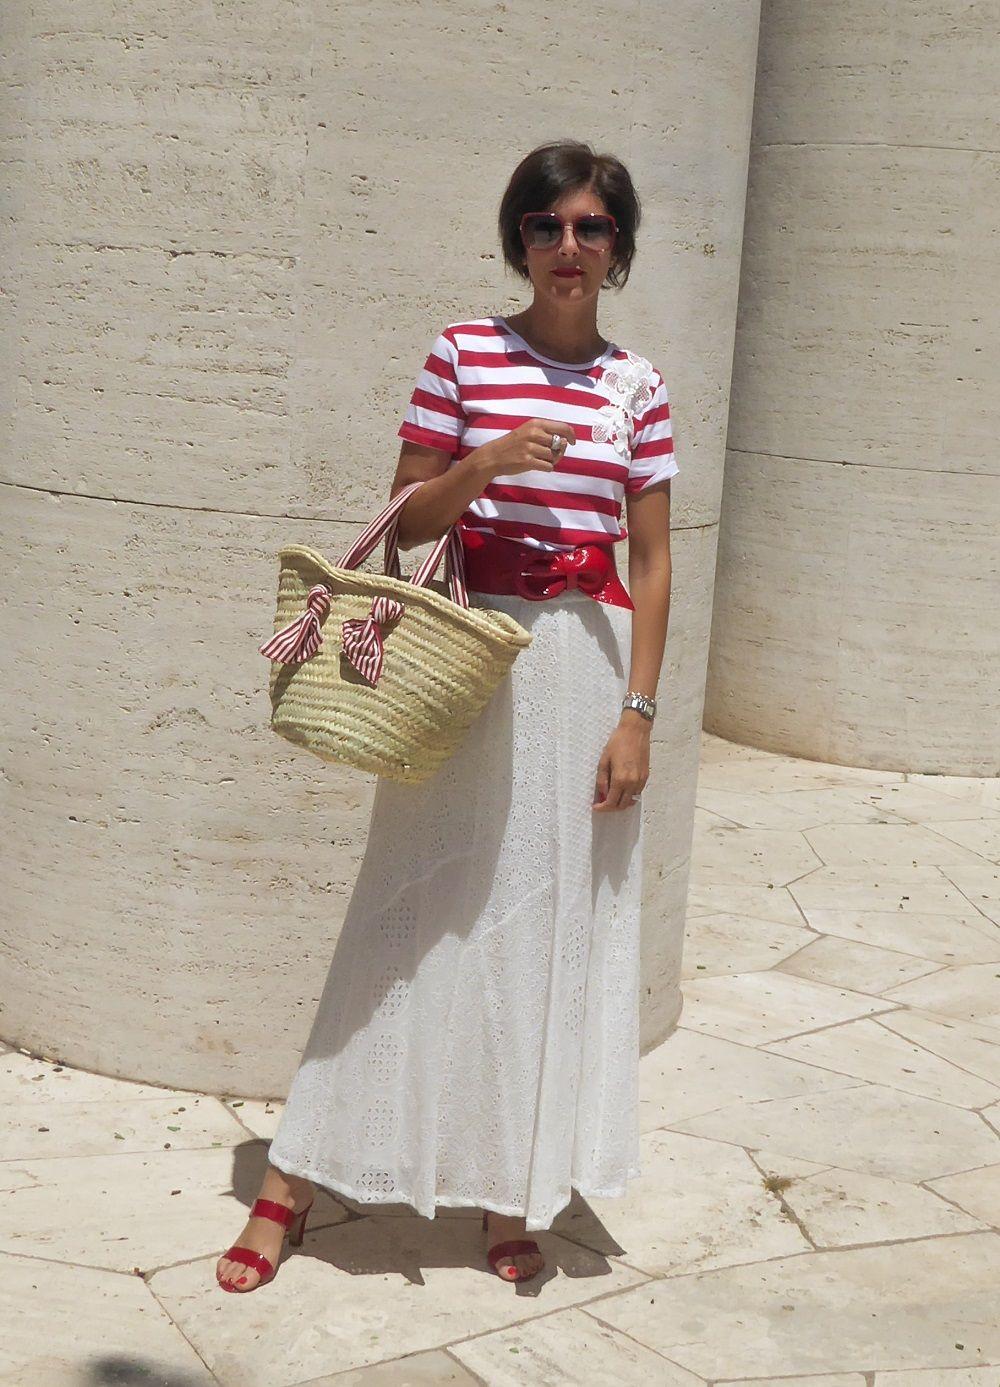 24c31b2183 Come indossare una borsa di paglia in un look da giorno bon ton chic ...